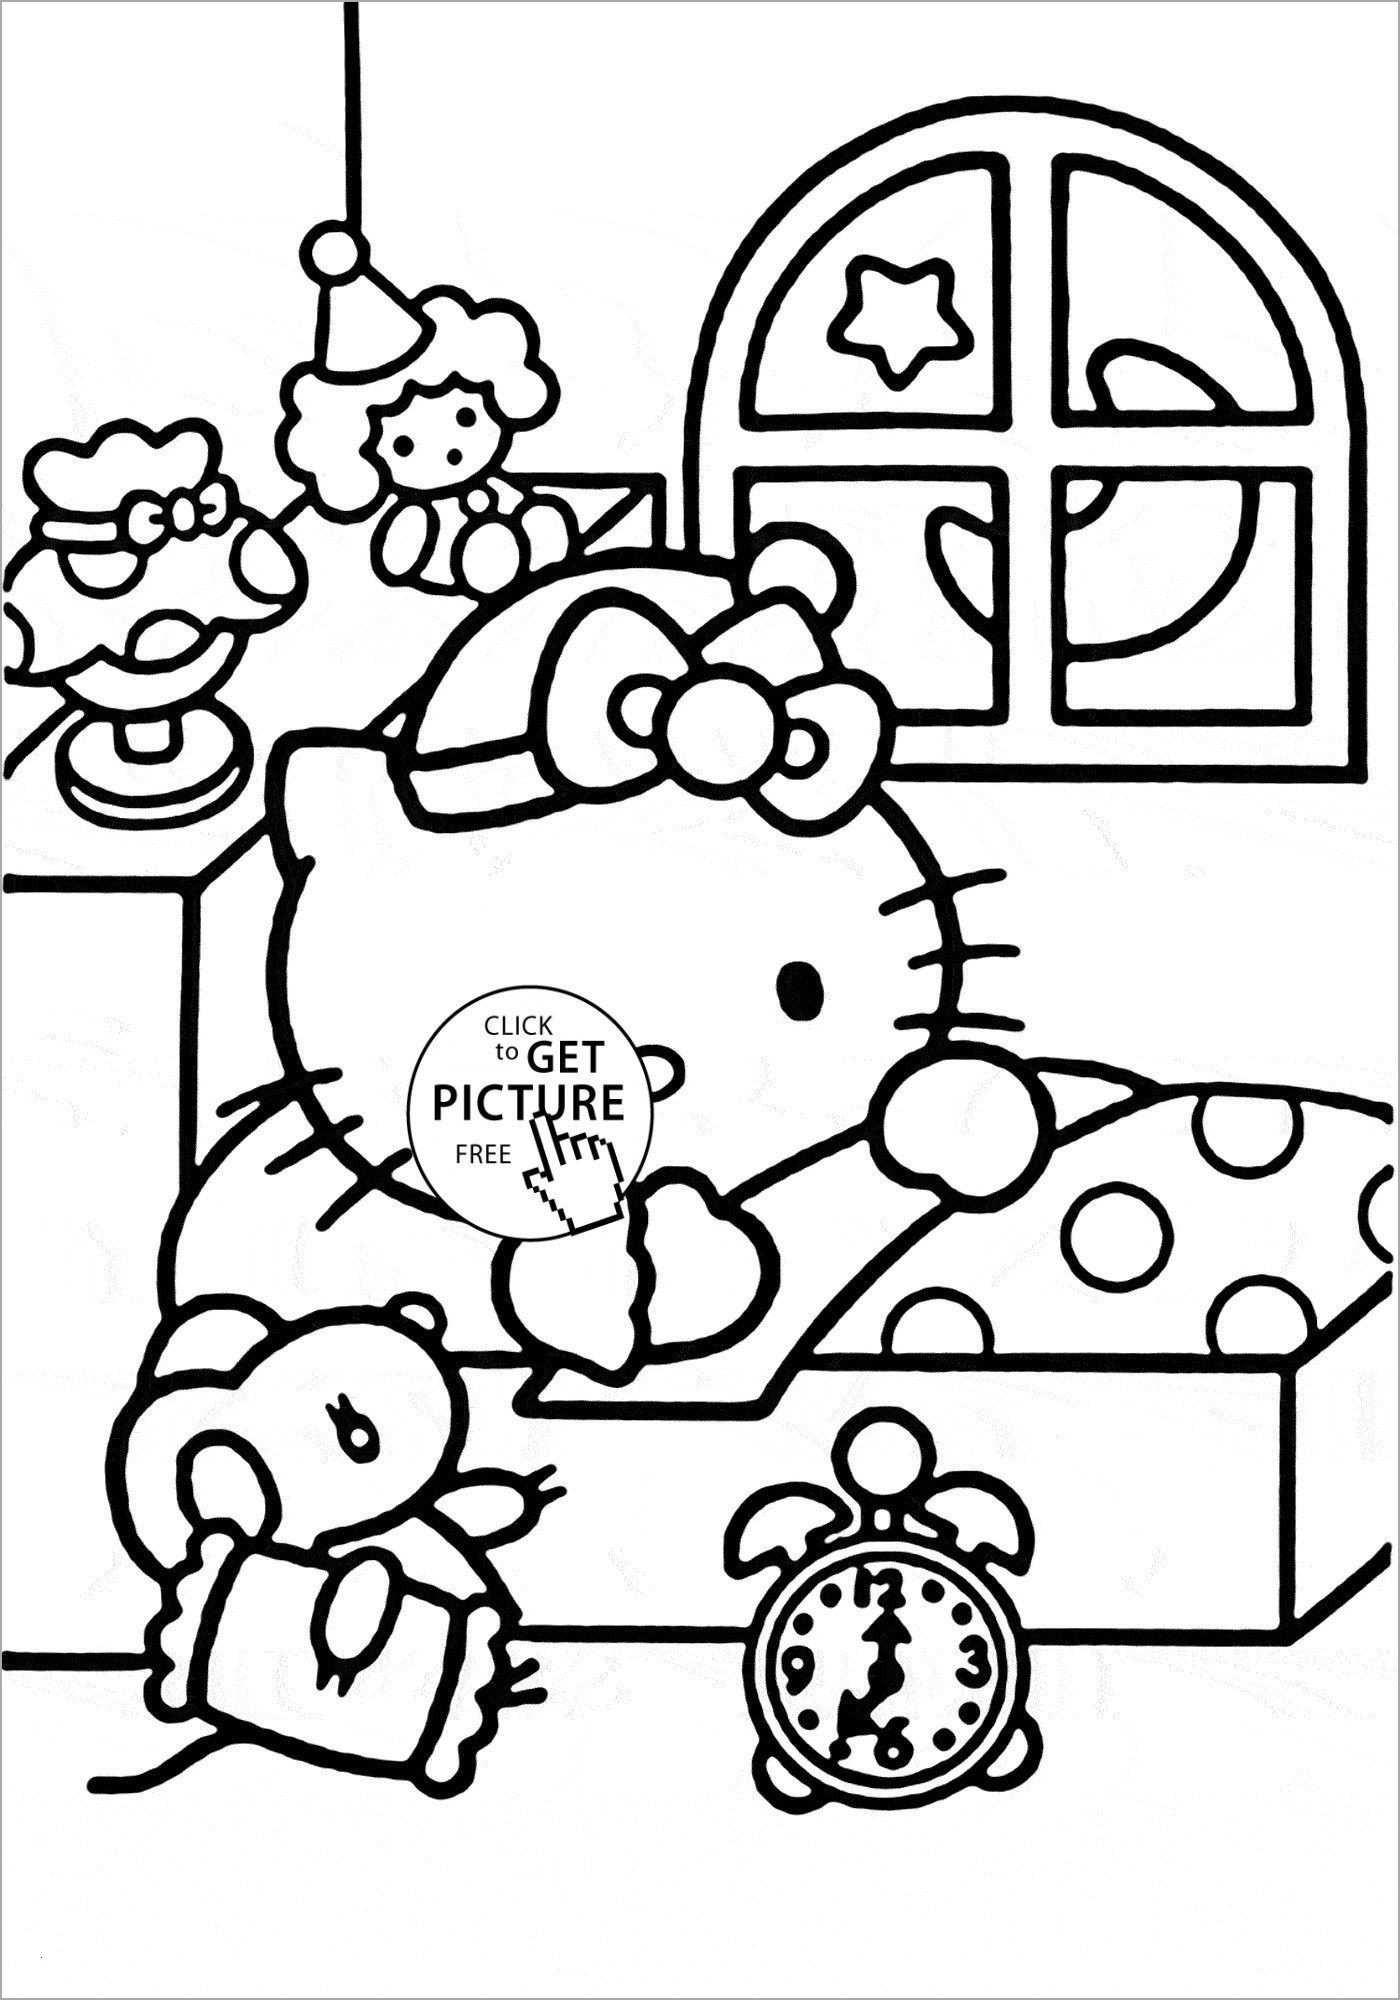 Malvorlagen Hello Kitty Neu 100 Hamster Bilder Zum Ausmalen 1 000 Kostenlose Bilder Ipdd Bild